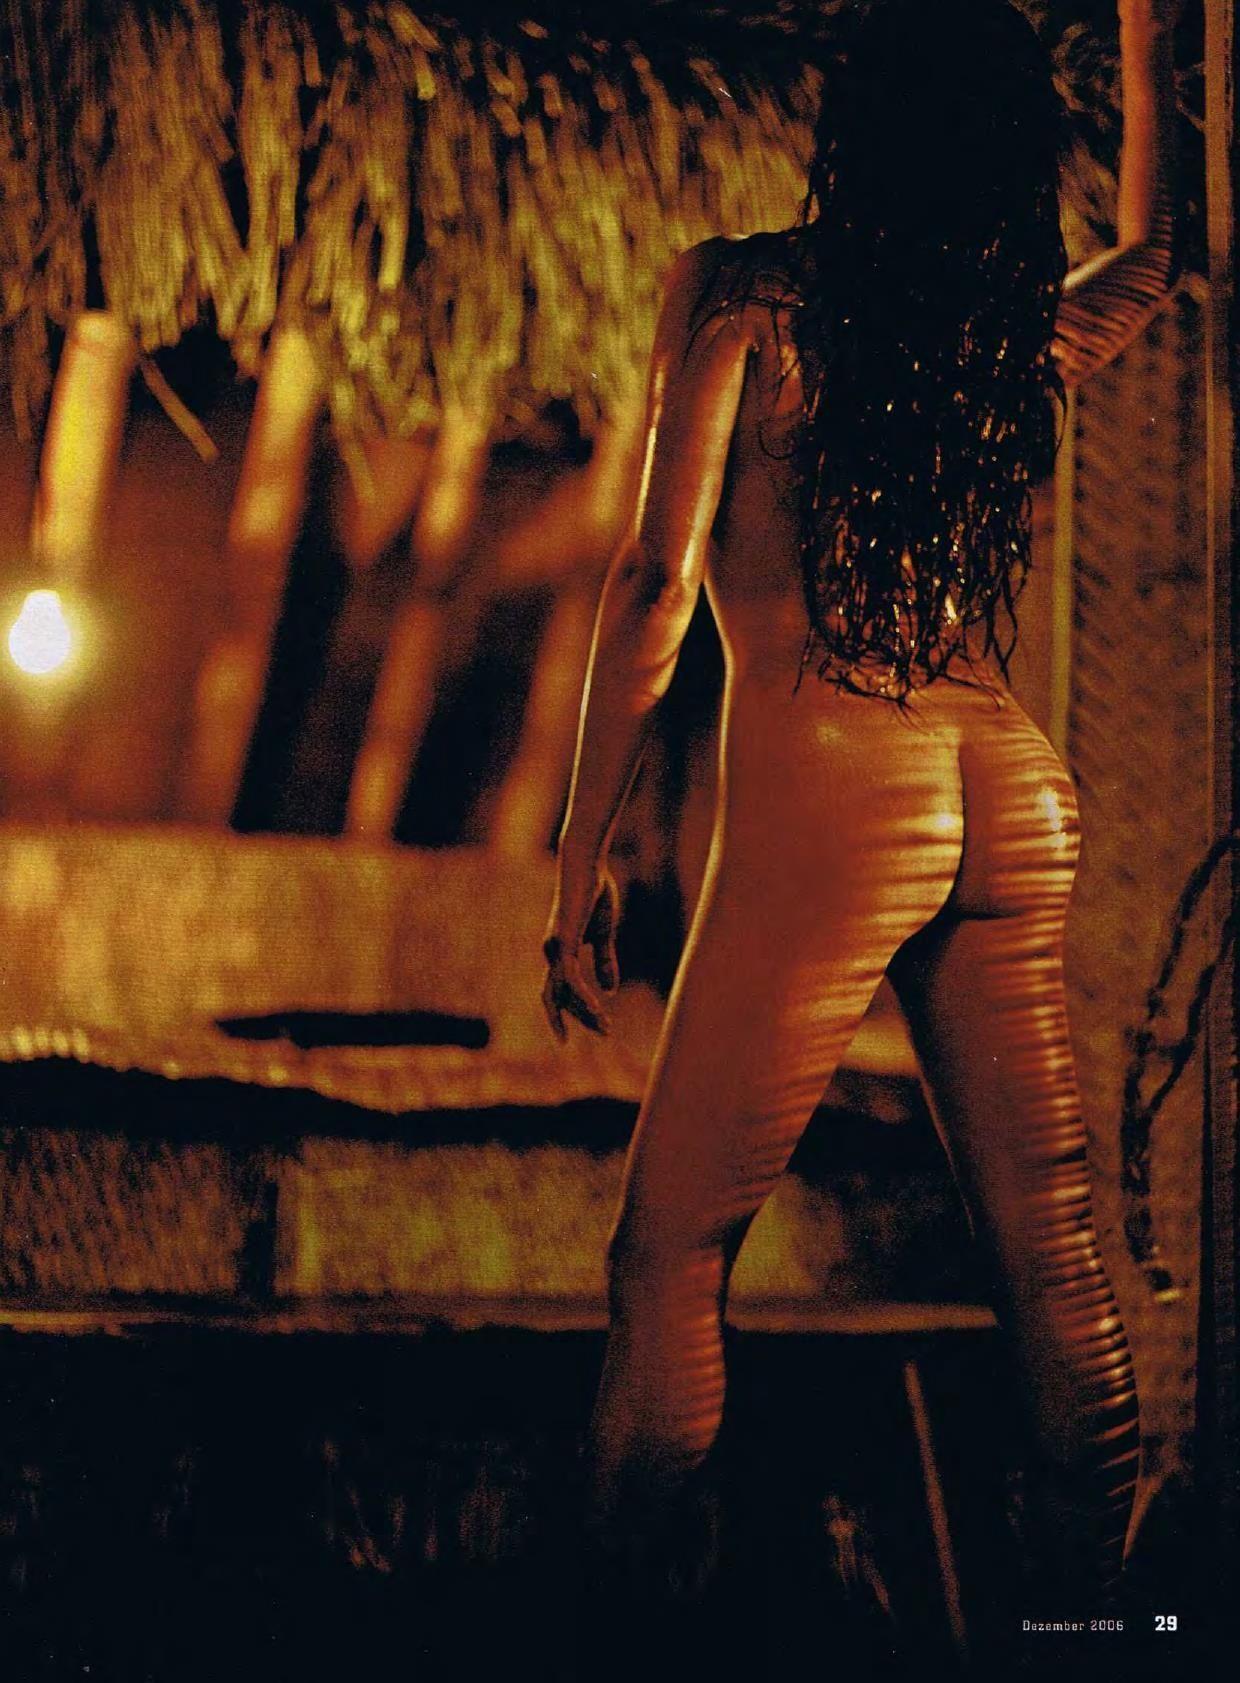 tia-carrere-nude-Sexy-13-thefappeningblog.com_.jpg